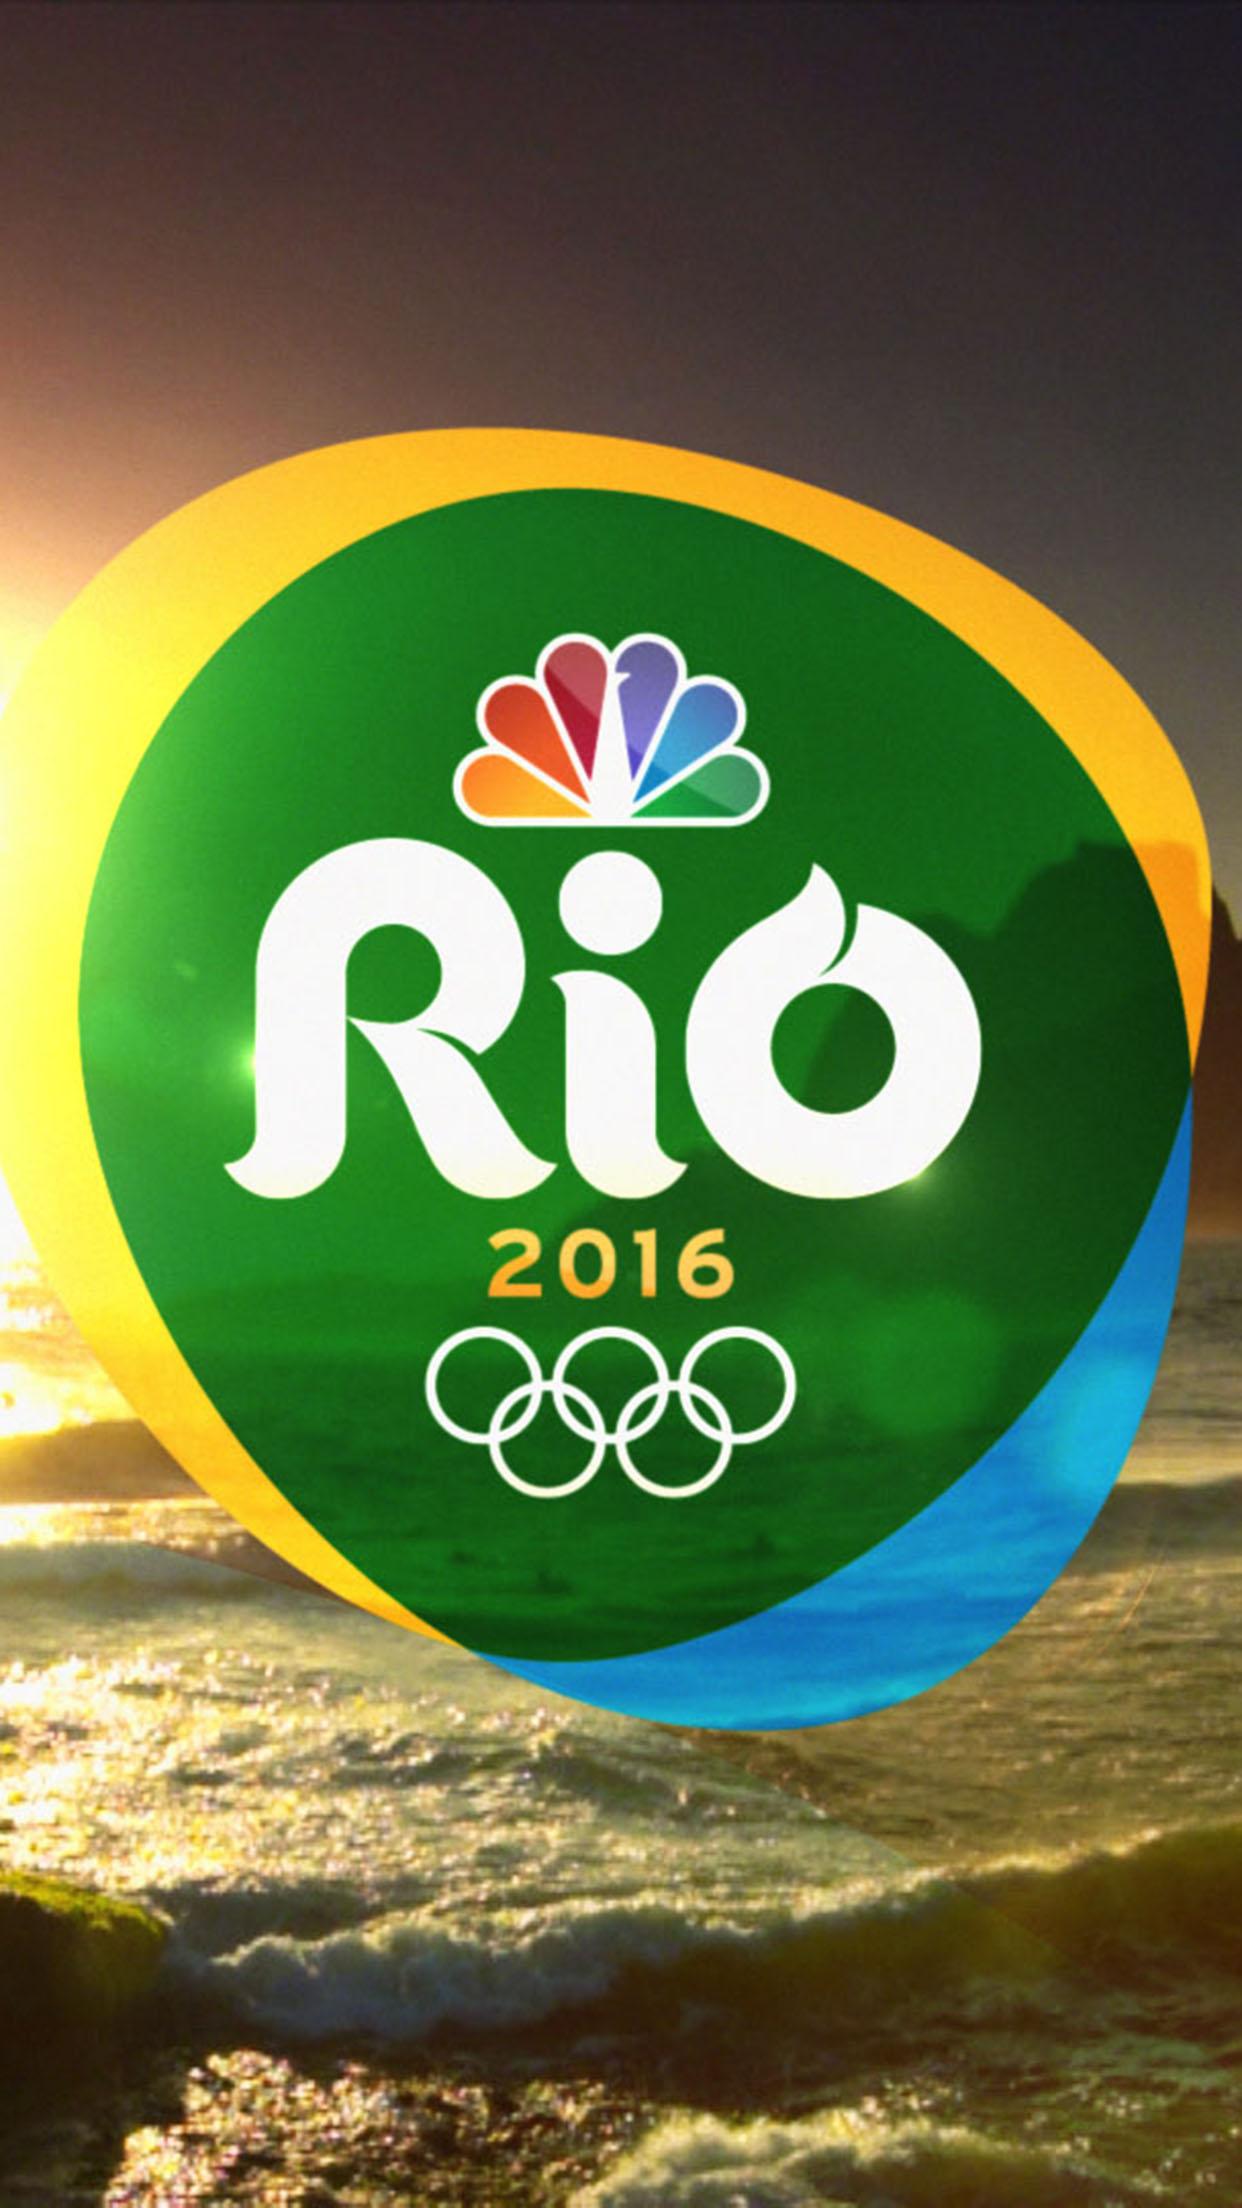 JO RIO 2016 LOGO 3Wallpapers iPhone Parallax JO Rio 2016 Logo